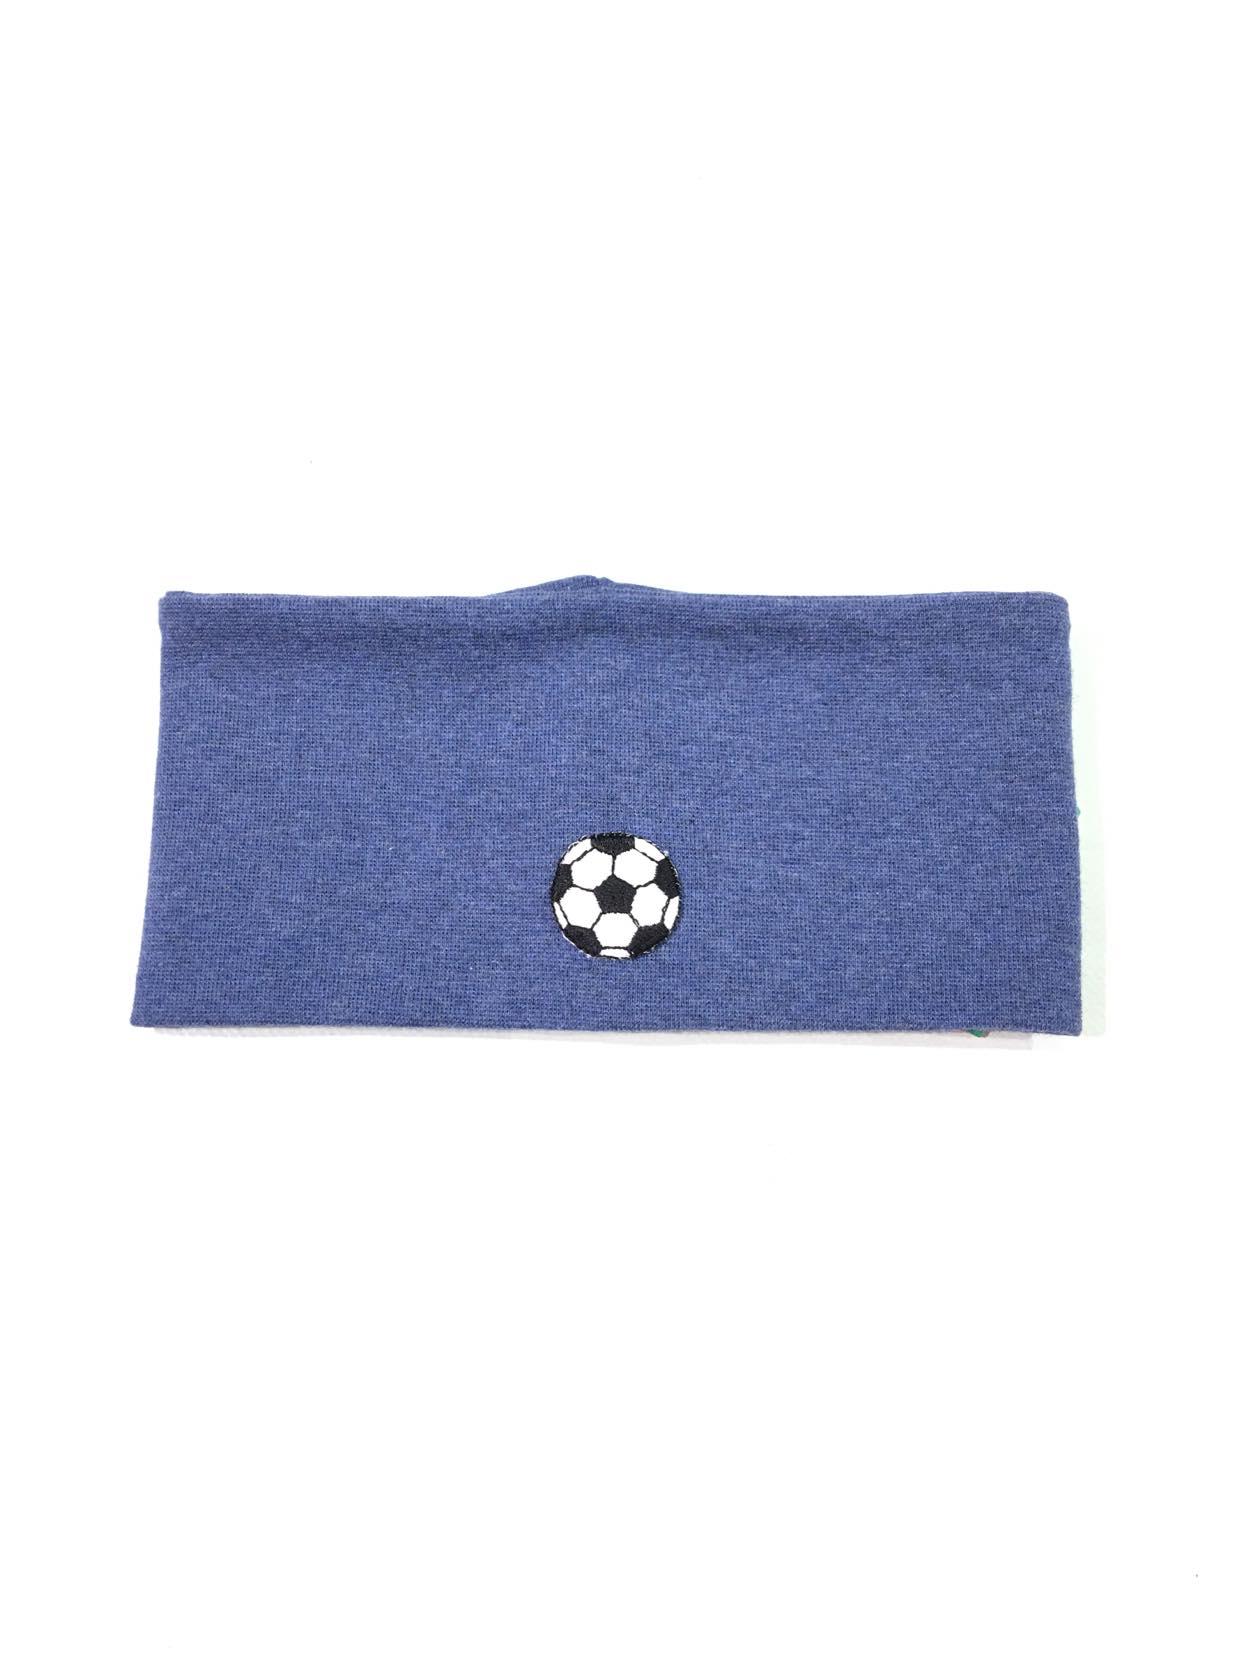 Kivat blå ørevarmer fotball